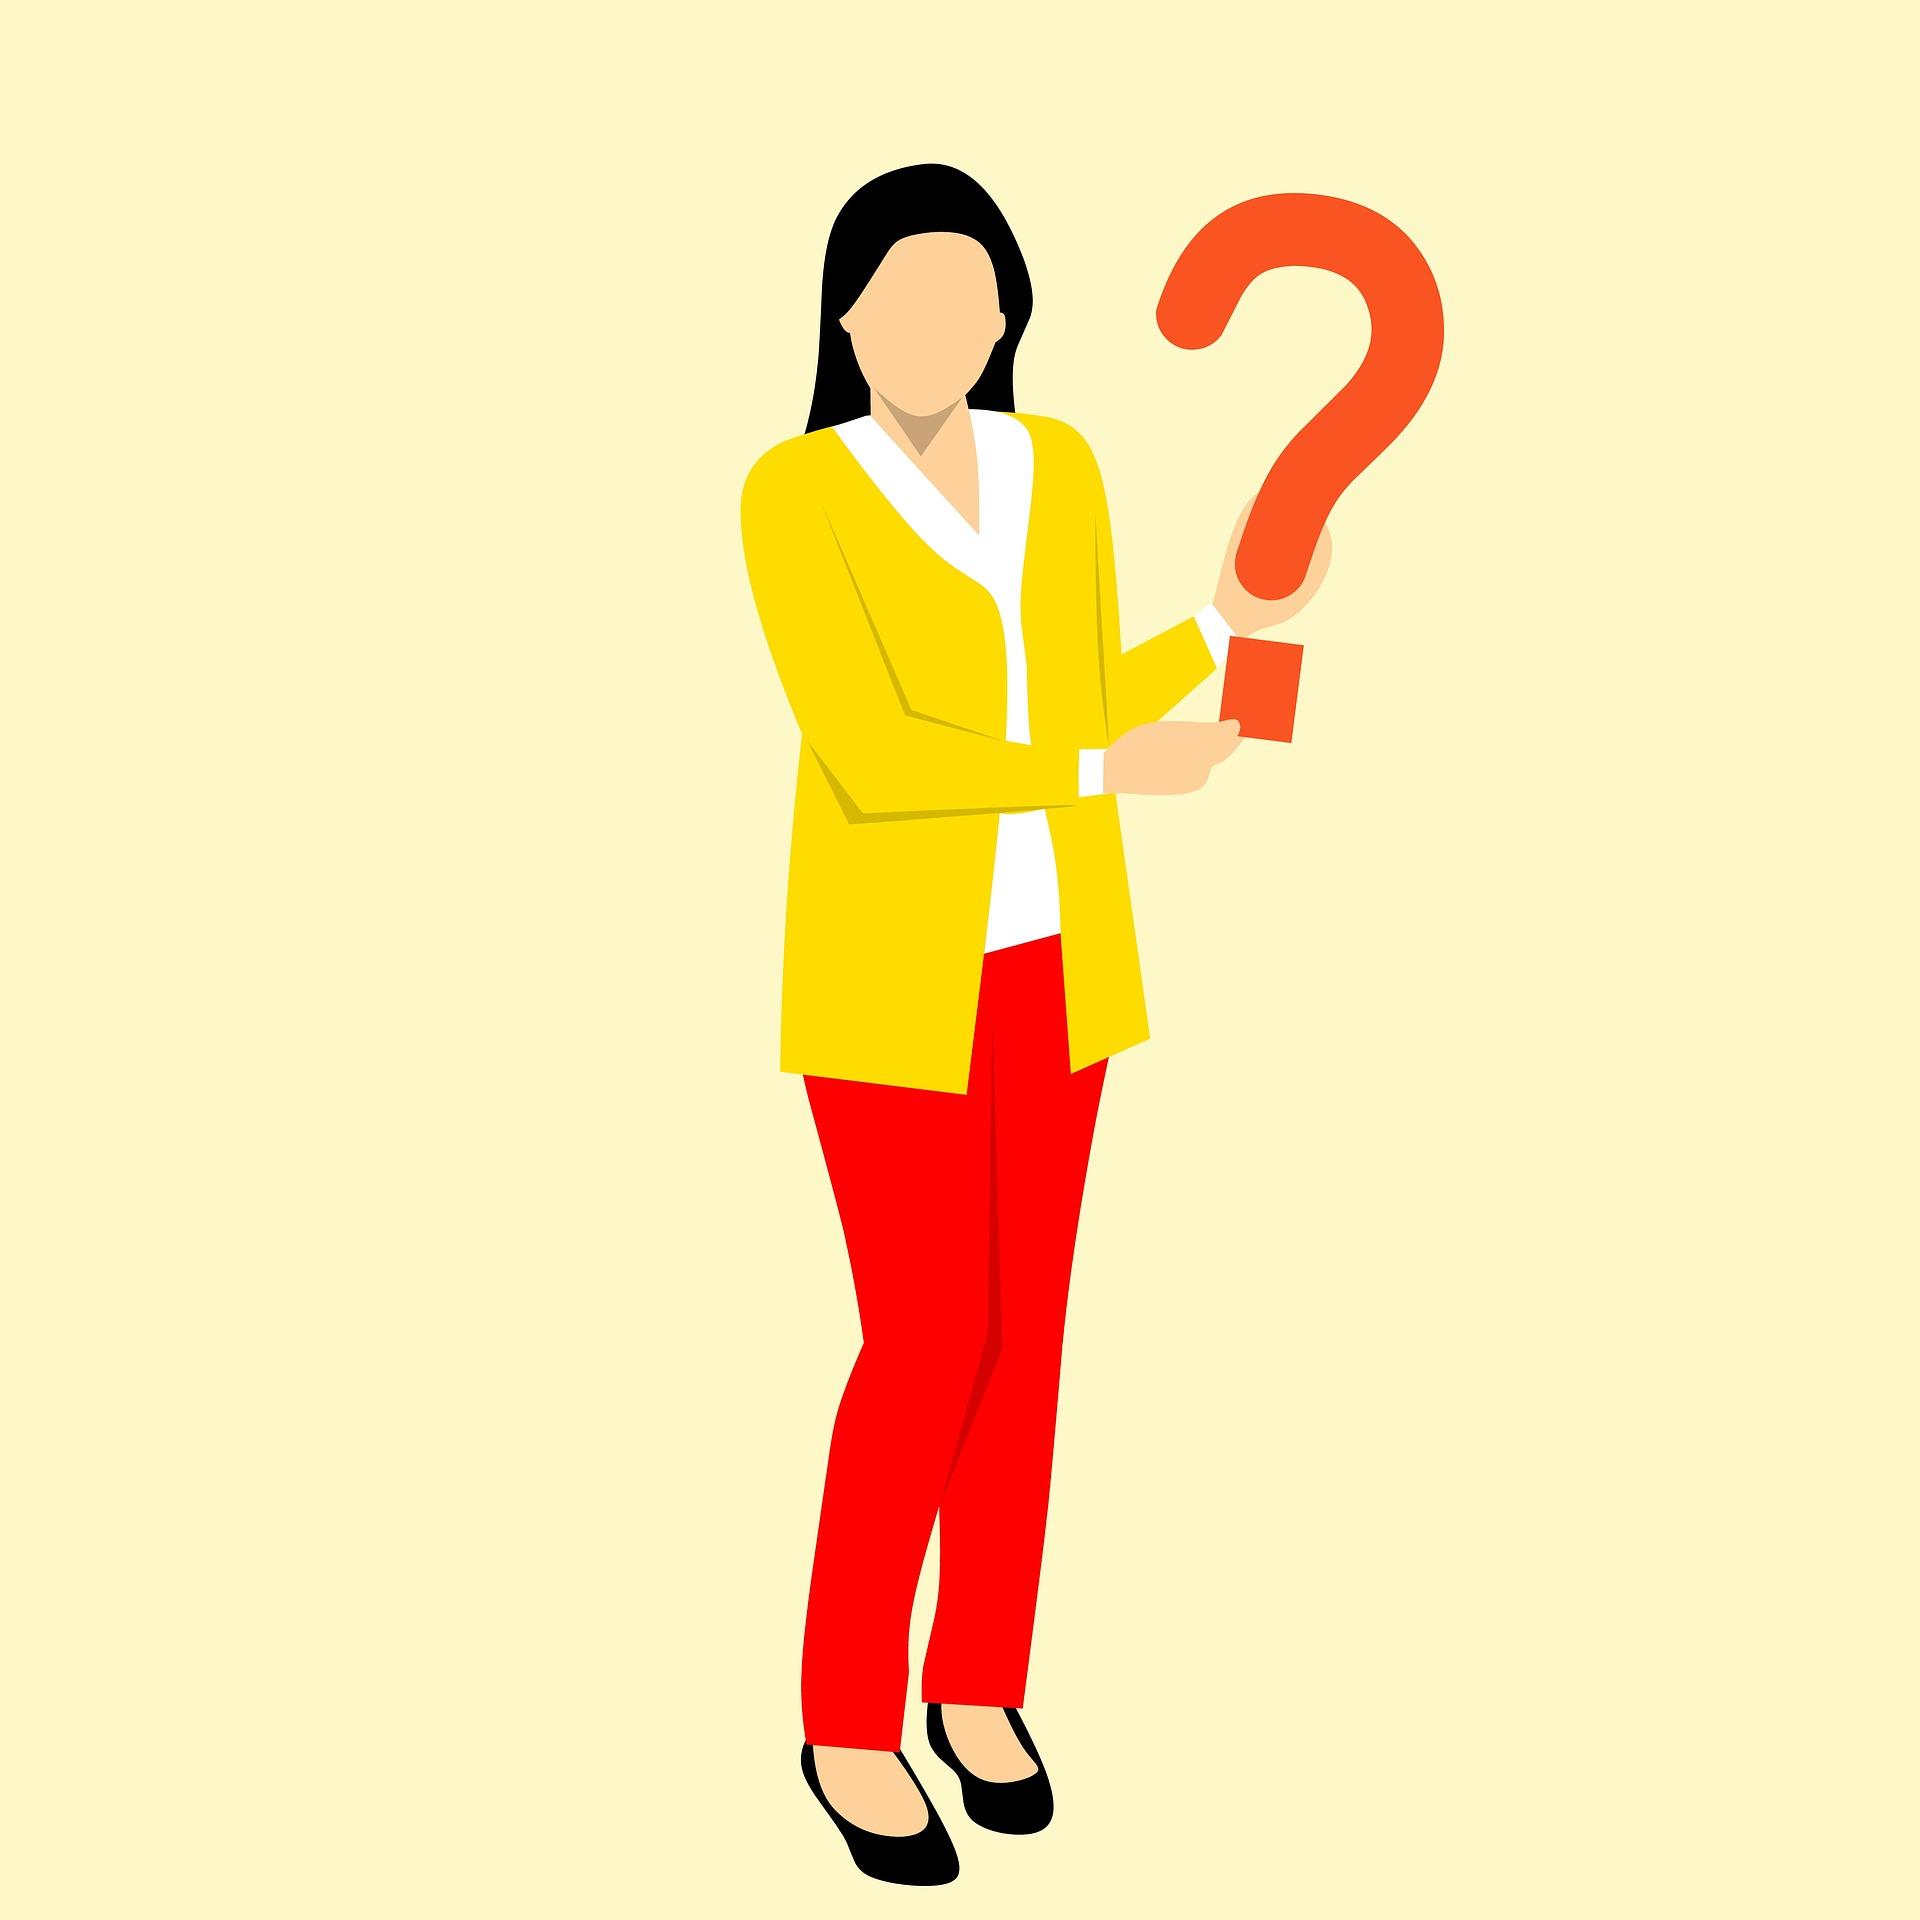 Probleme-Warum ziehe ich immer die falschen Partner an?